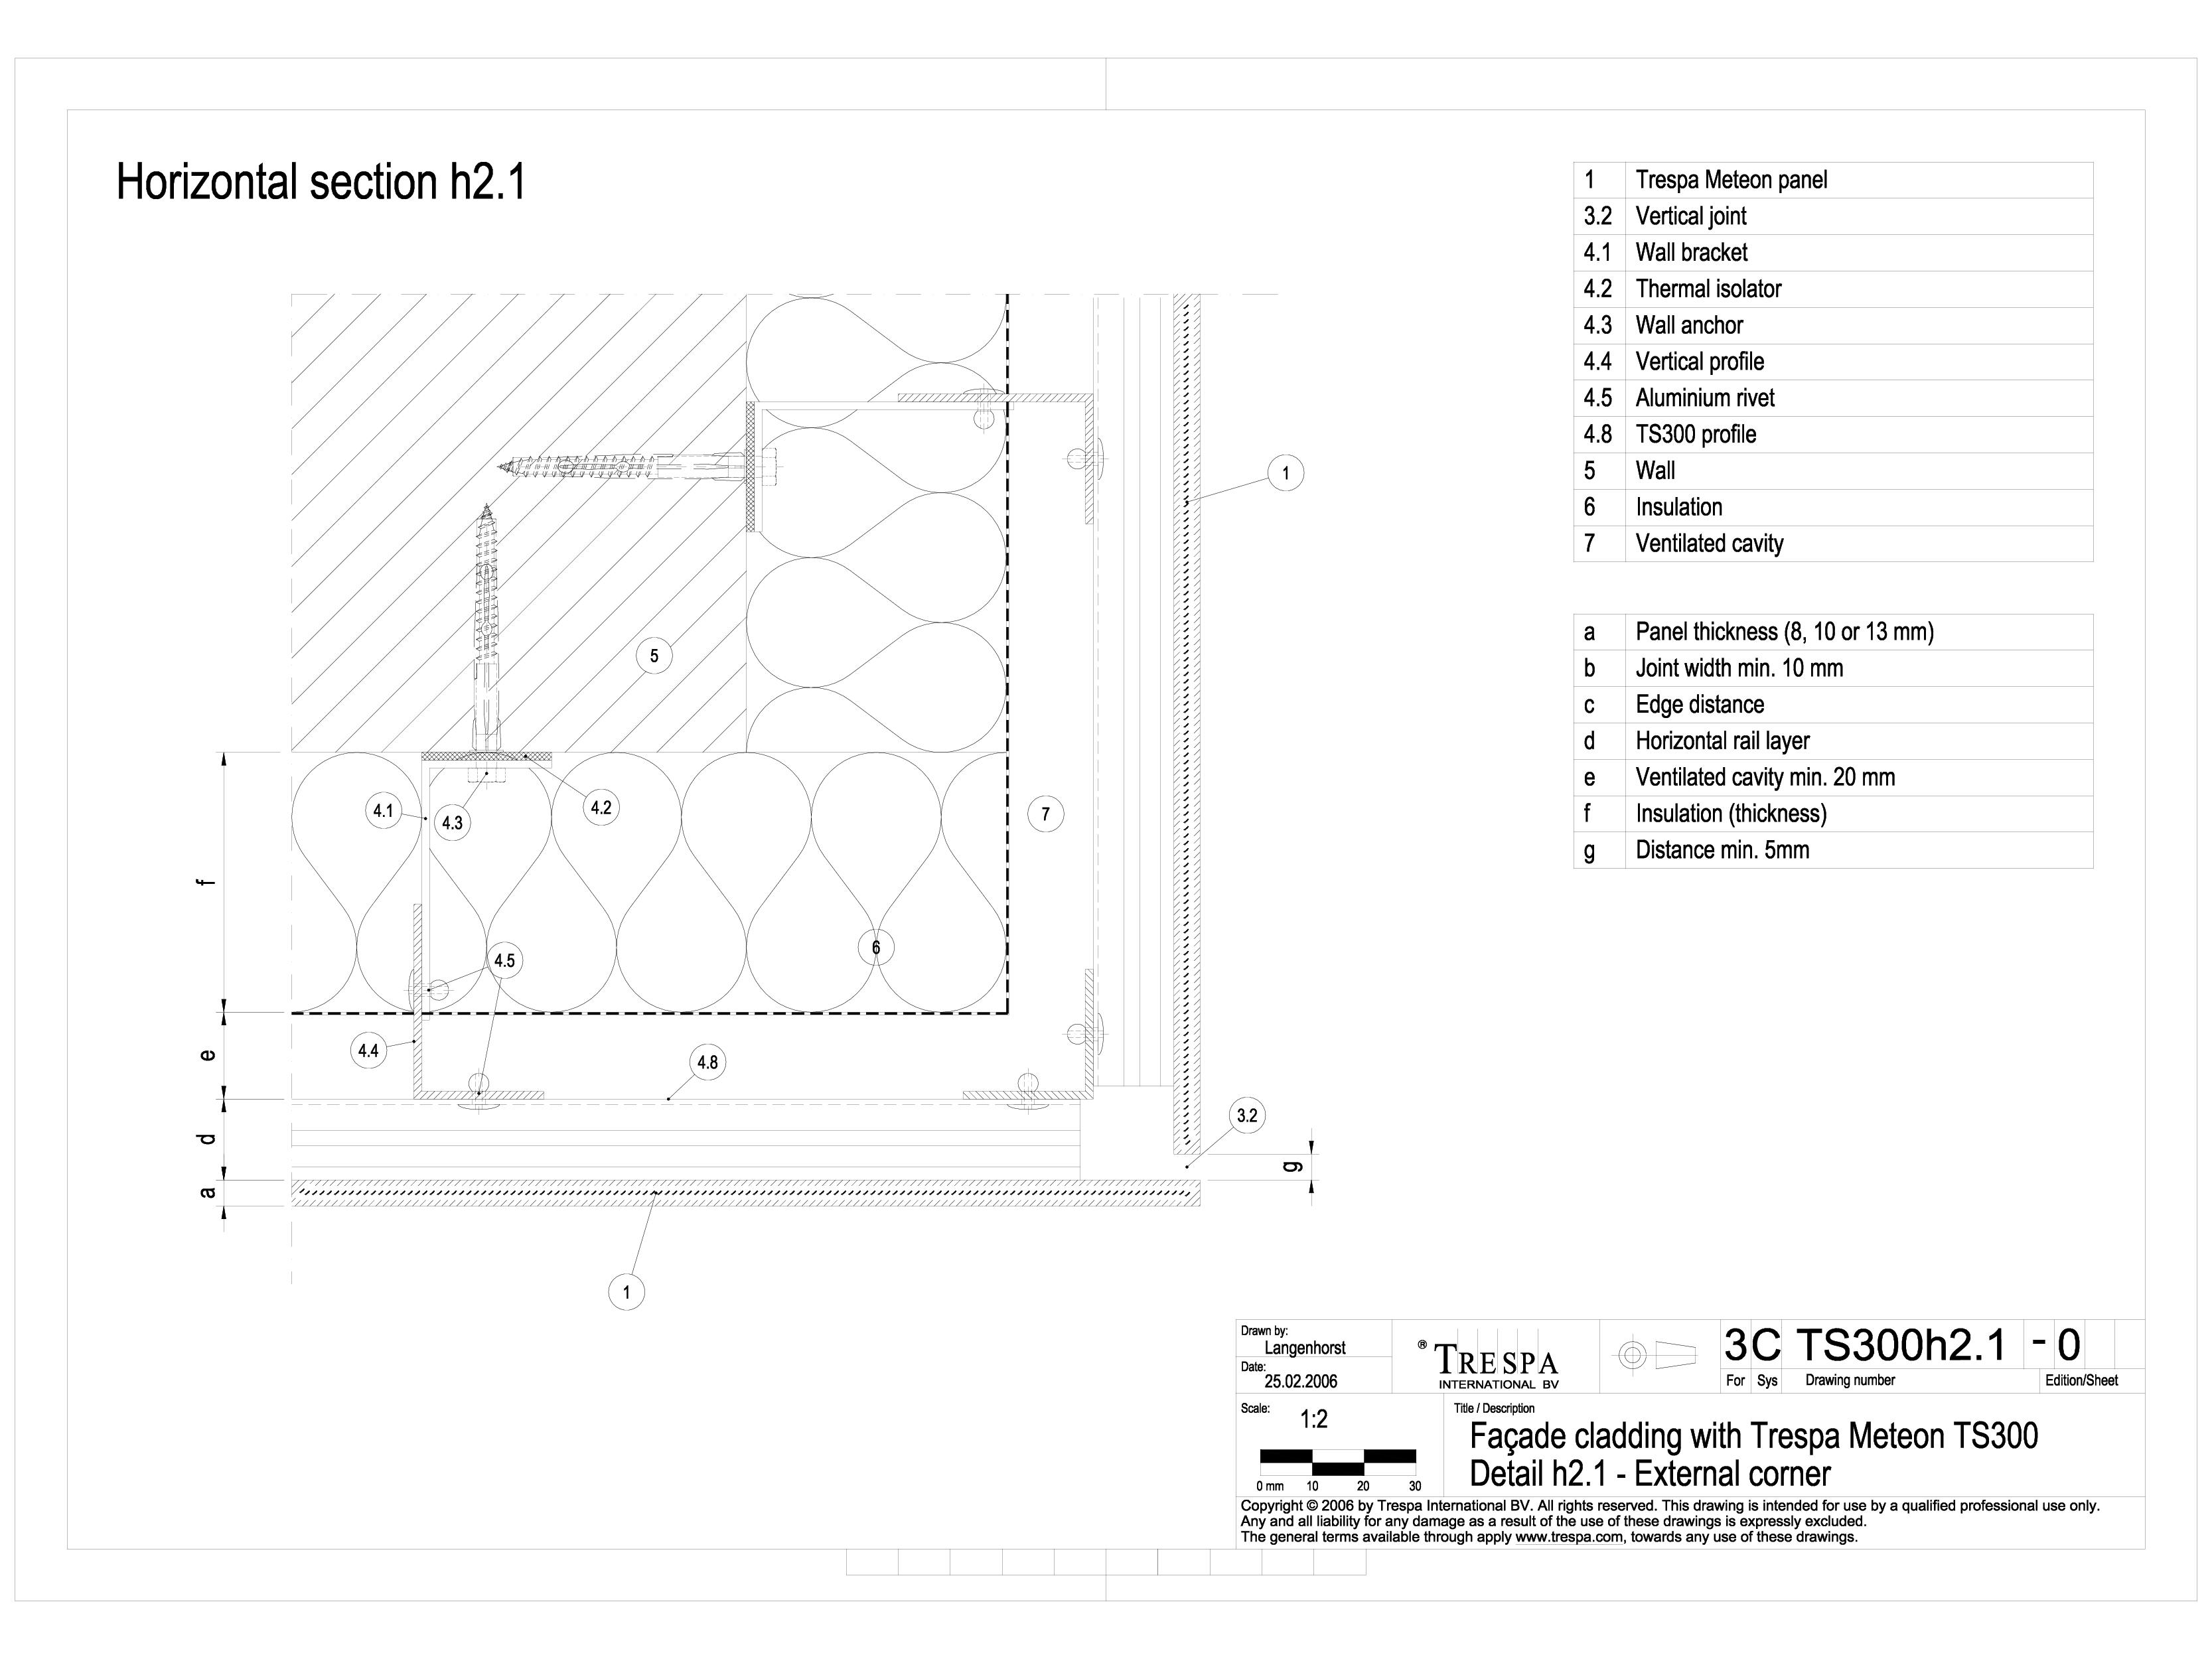 Sisteme de prindere fatade ventilate cu profile oarbe, detaliu colt exterior METEON TRESPA Placi HPL pentru fatade ventilate GIBB TECHNOLOGIES  - Pagina 1